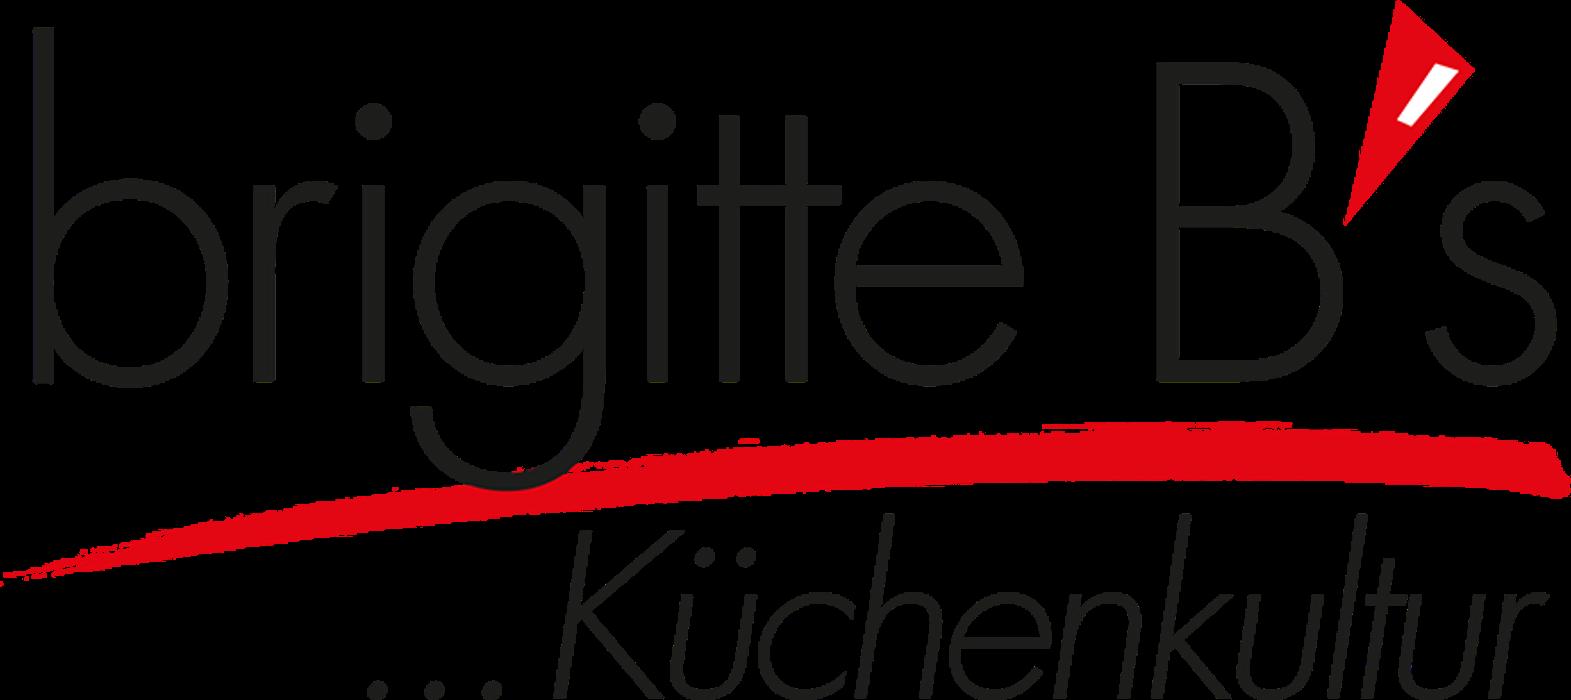 Logo von Brigitte B's Küchenkultur üchenstudio GmbH